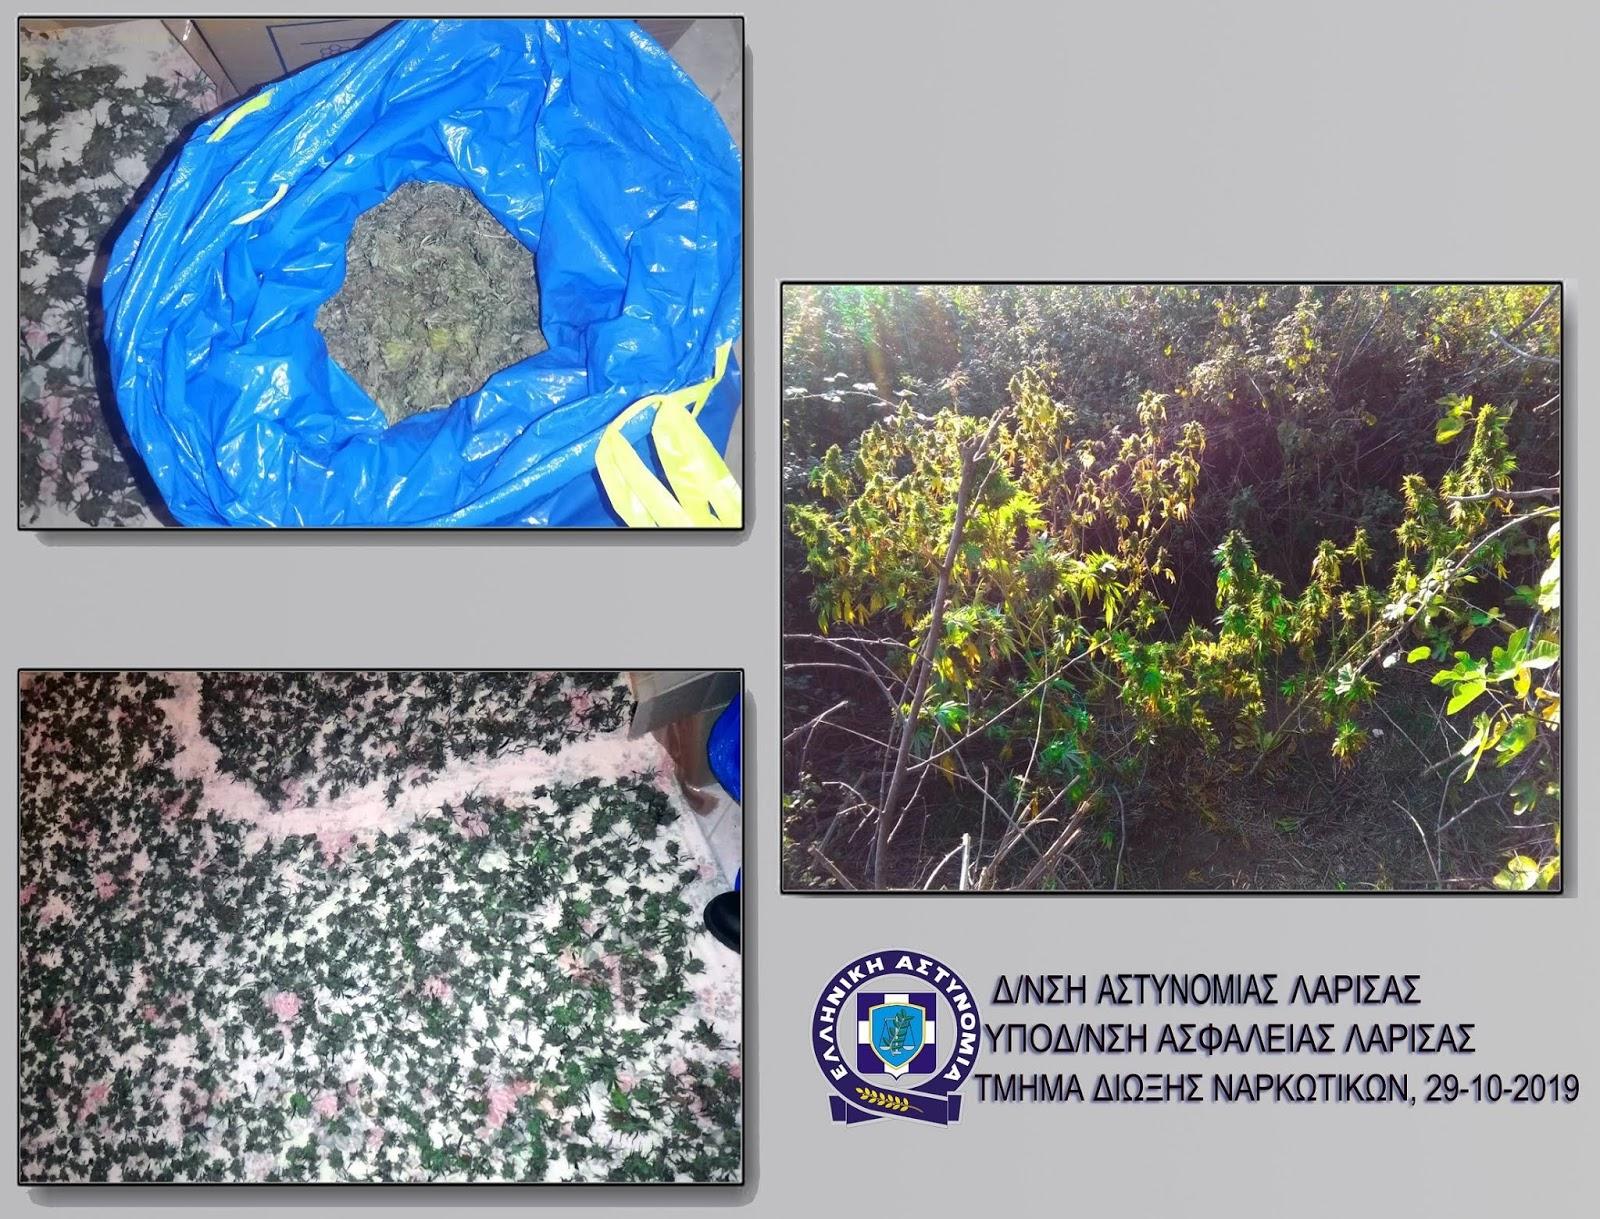 Συνελήφθη 36χρονος σε αγροτική περιοχή της Λάρισας για ναρκωτικά